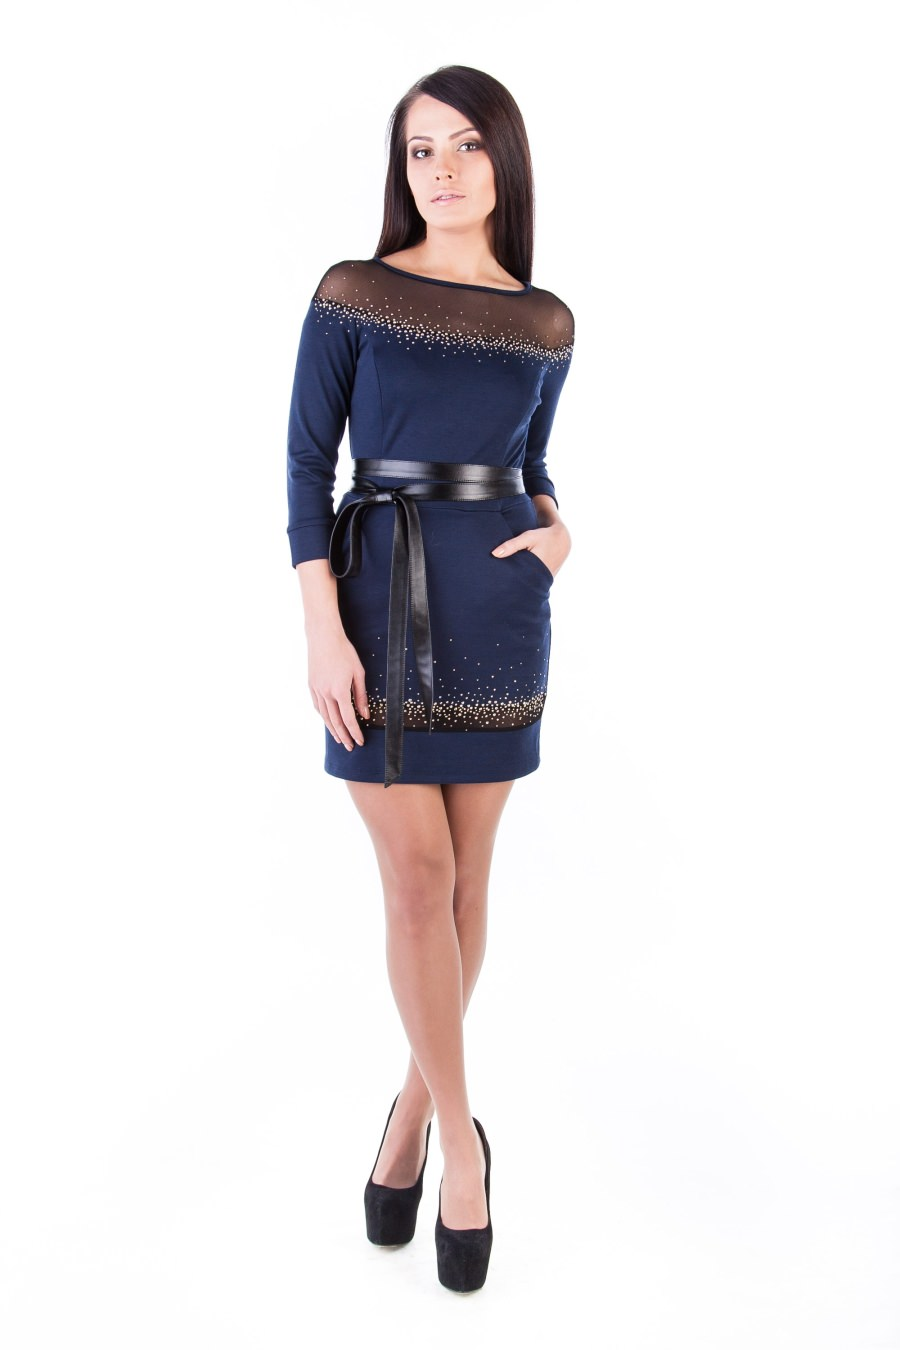 Оптовый интернет-магазин платьев Modus Платье Ирбис француз